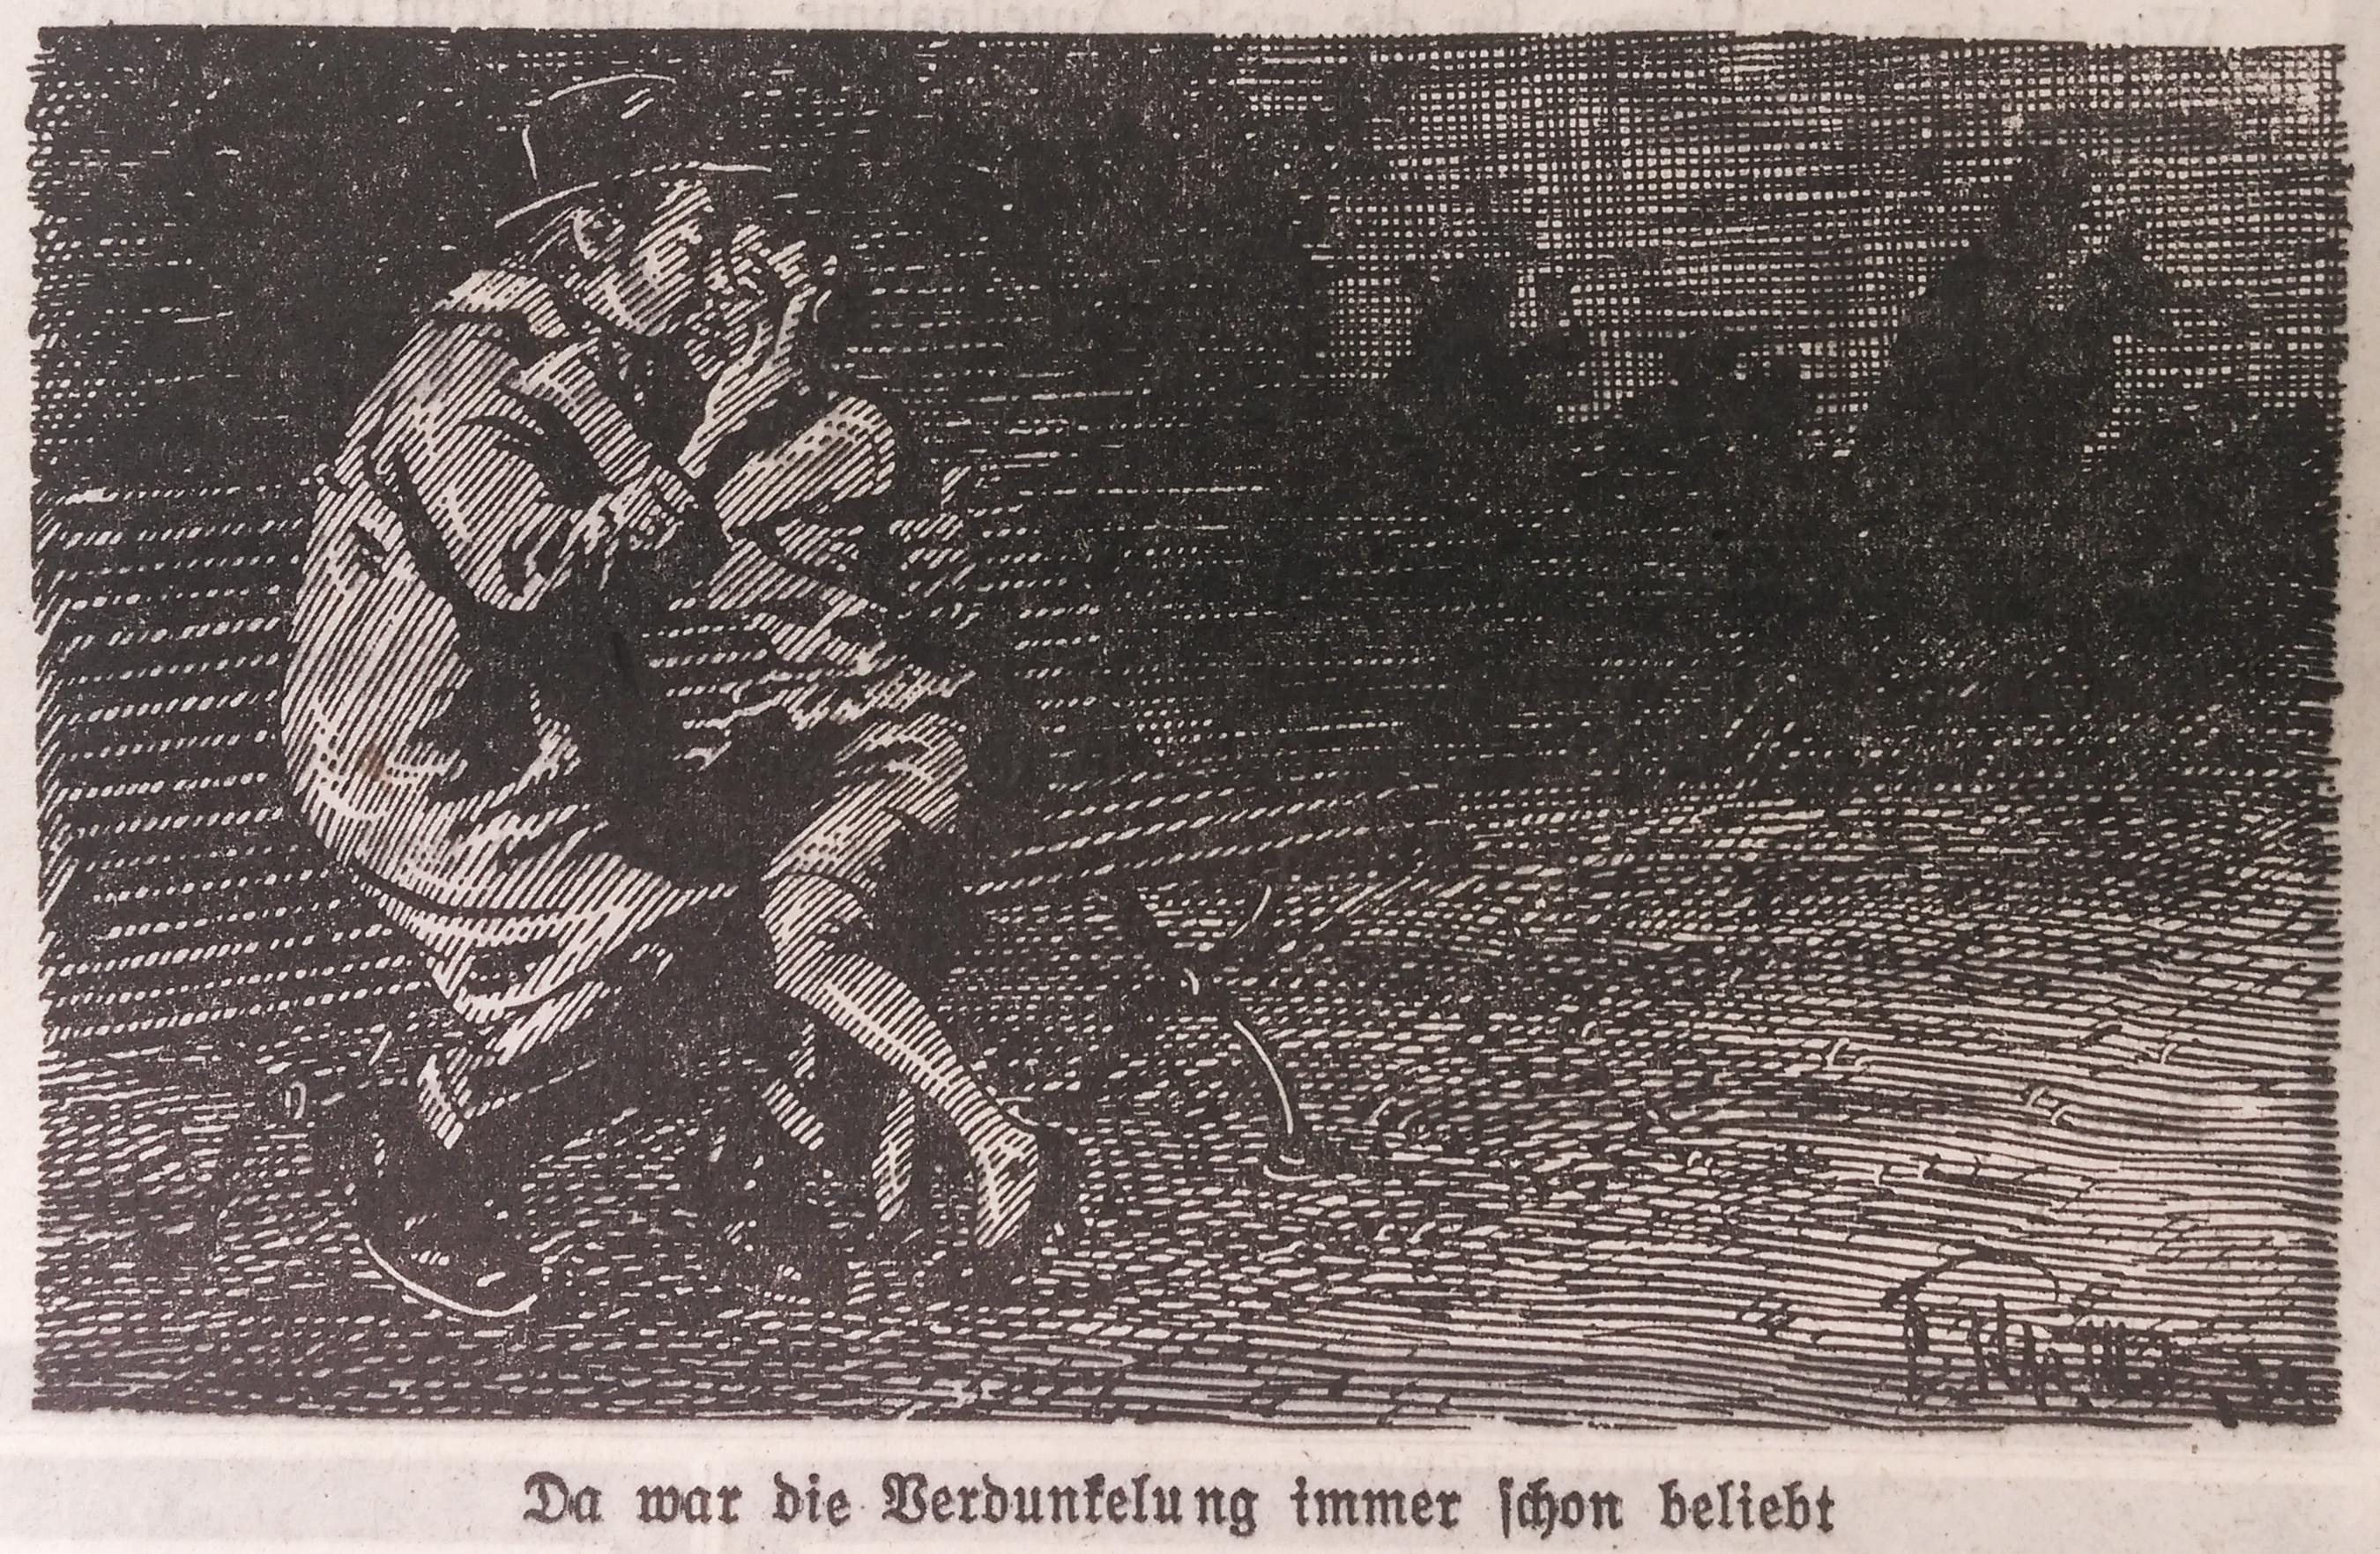 Bild: Bei Liebespaaren war die Verdunklung immer schon beliebt